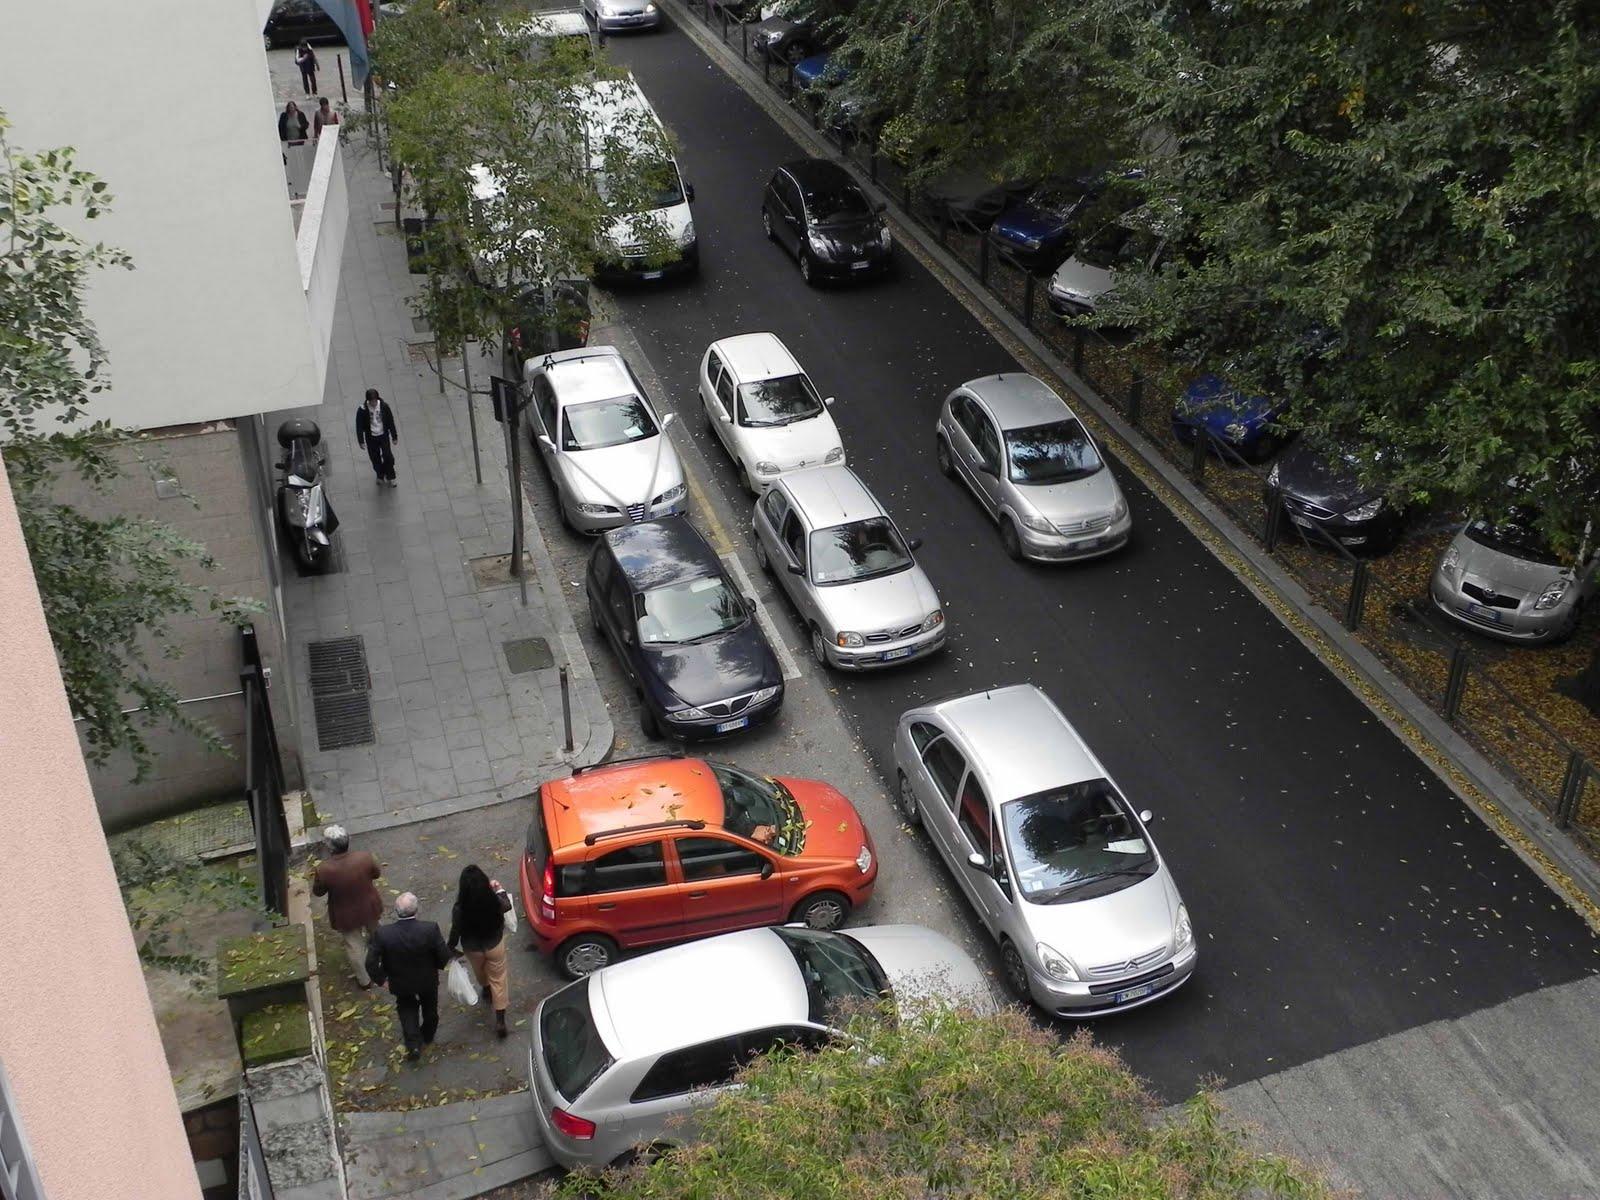 Parcheggio selvaggio a palermo le auto diventano un labirinto per i